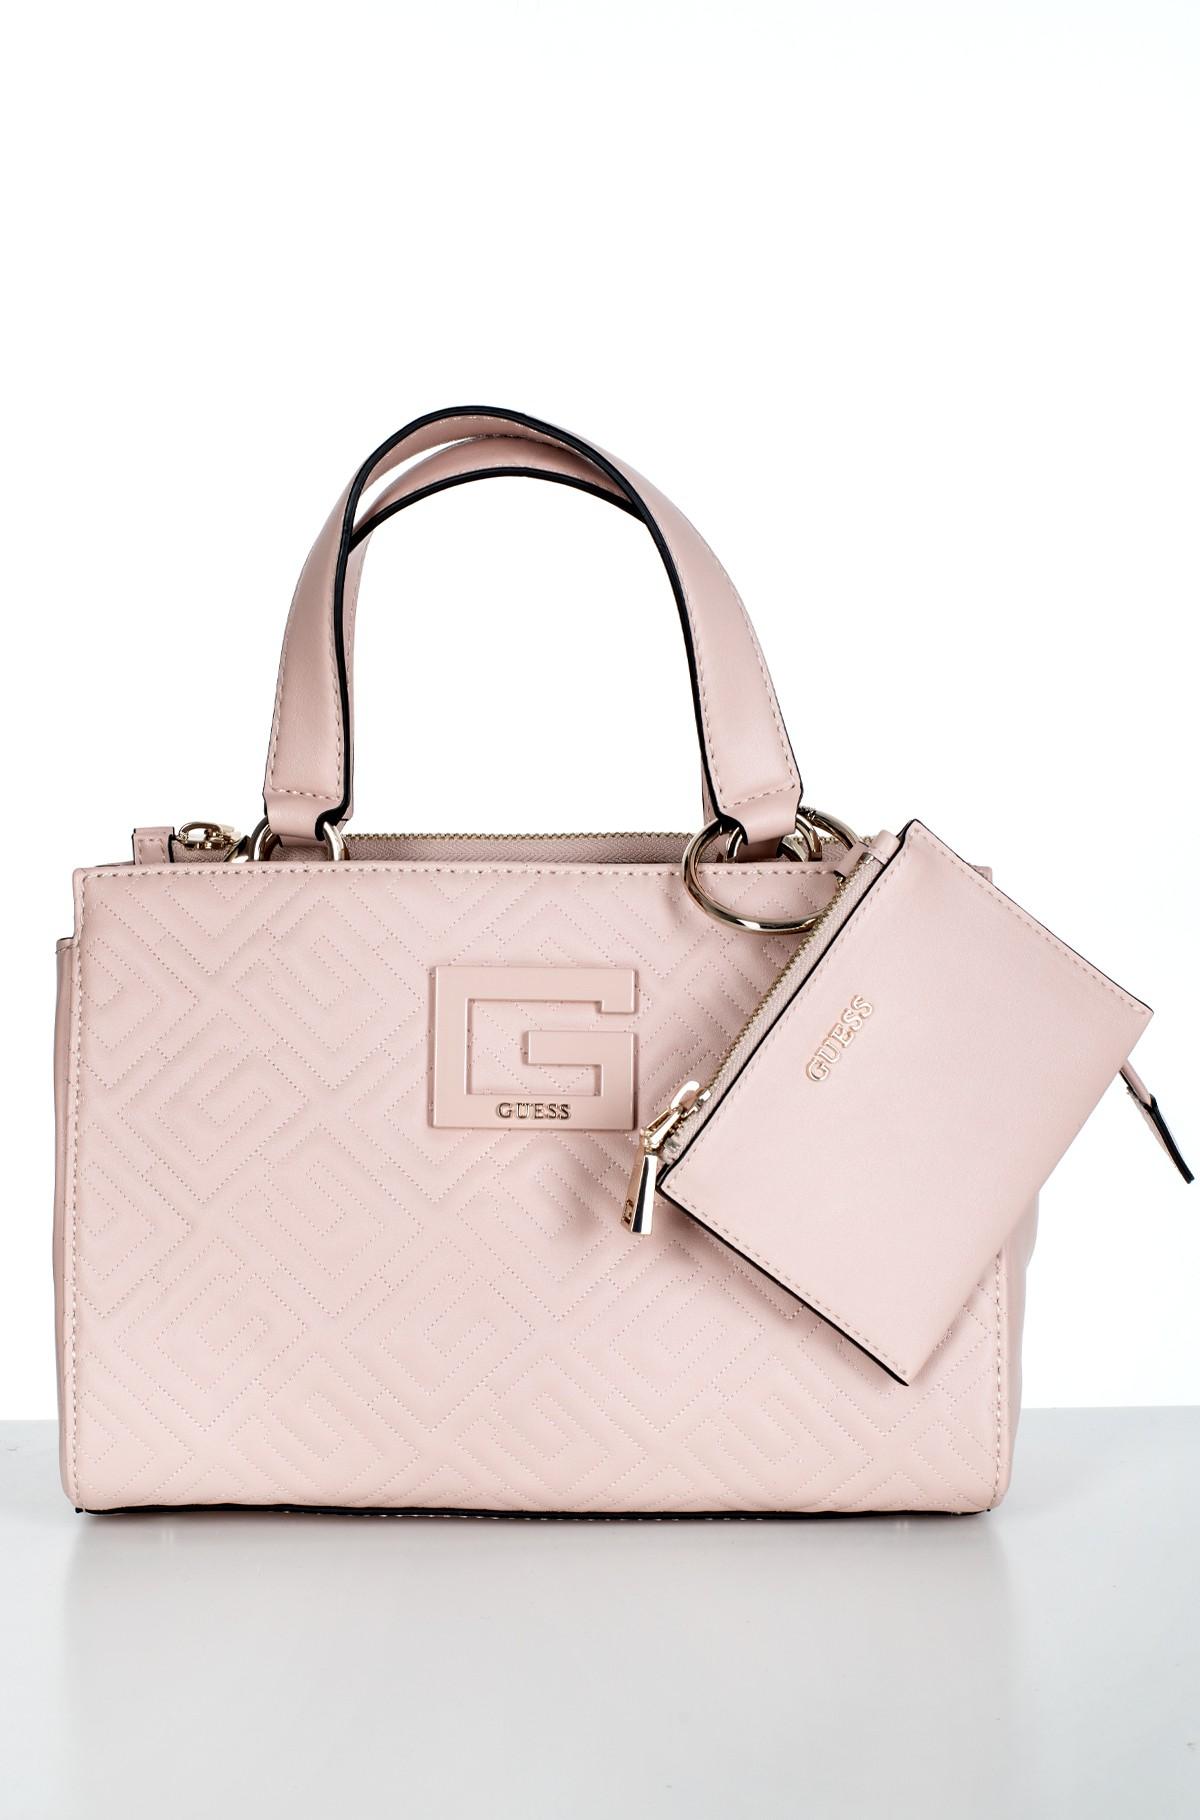 Shoulder bag HWQG77 38050-full-2